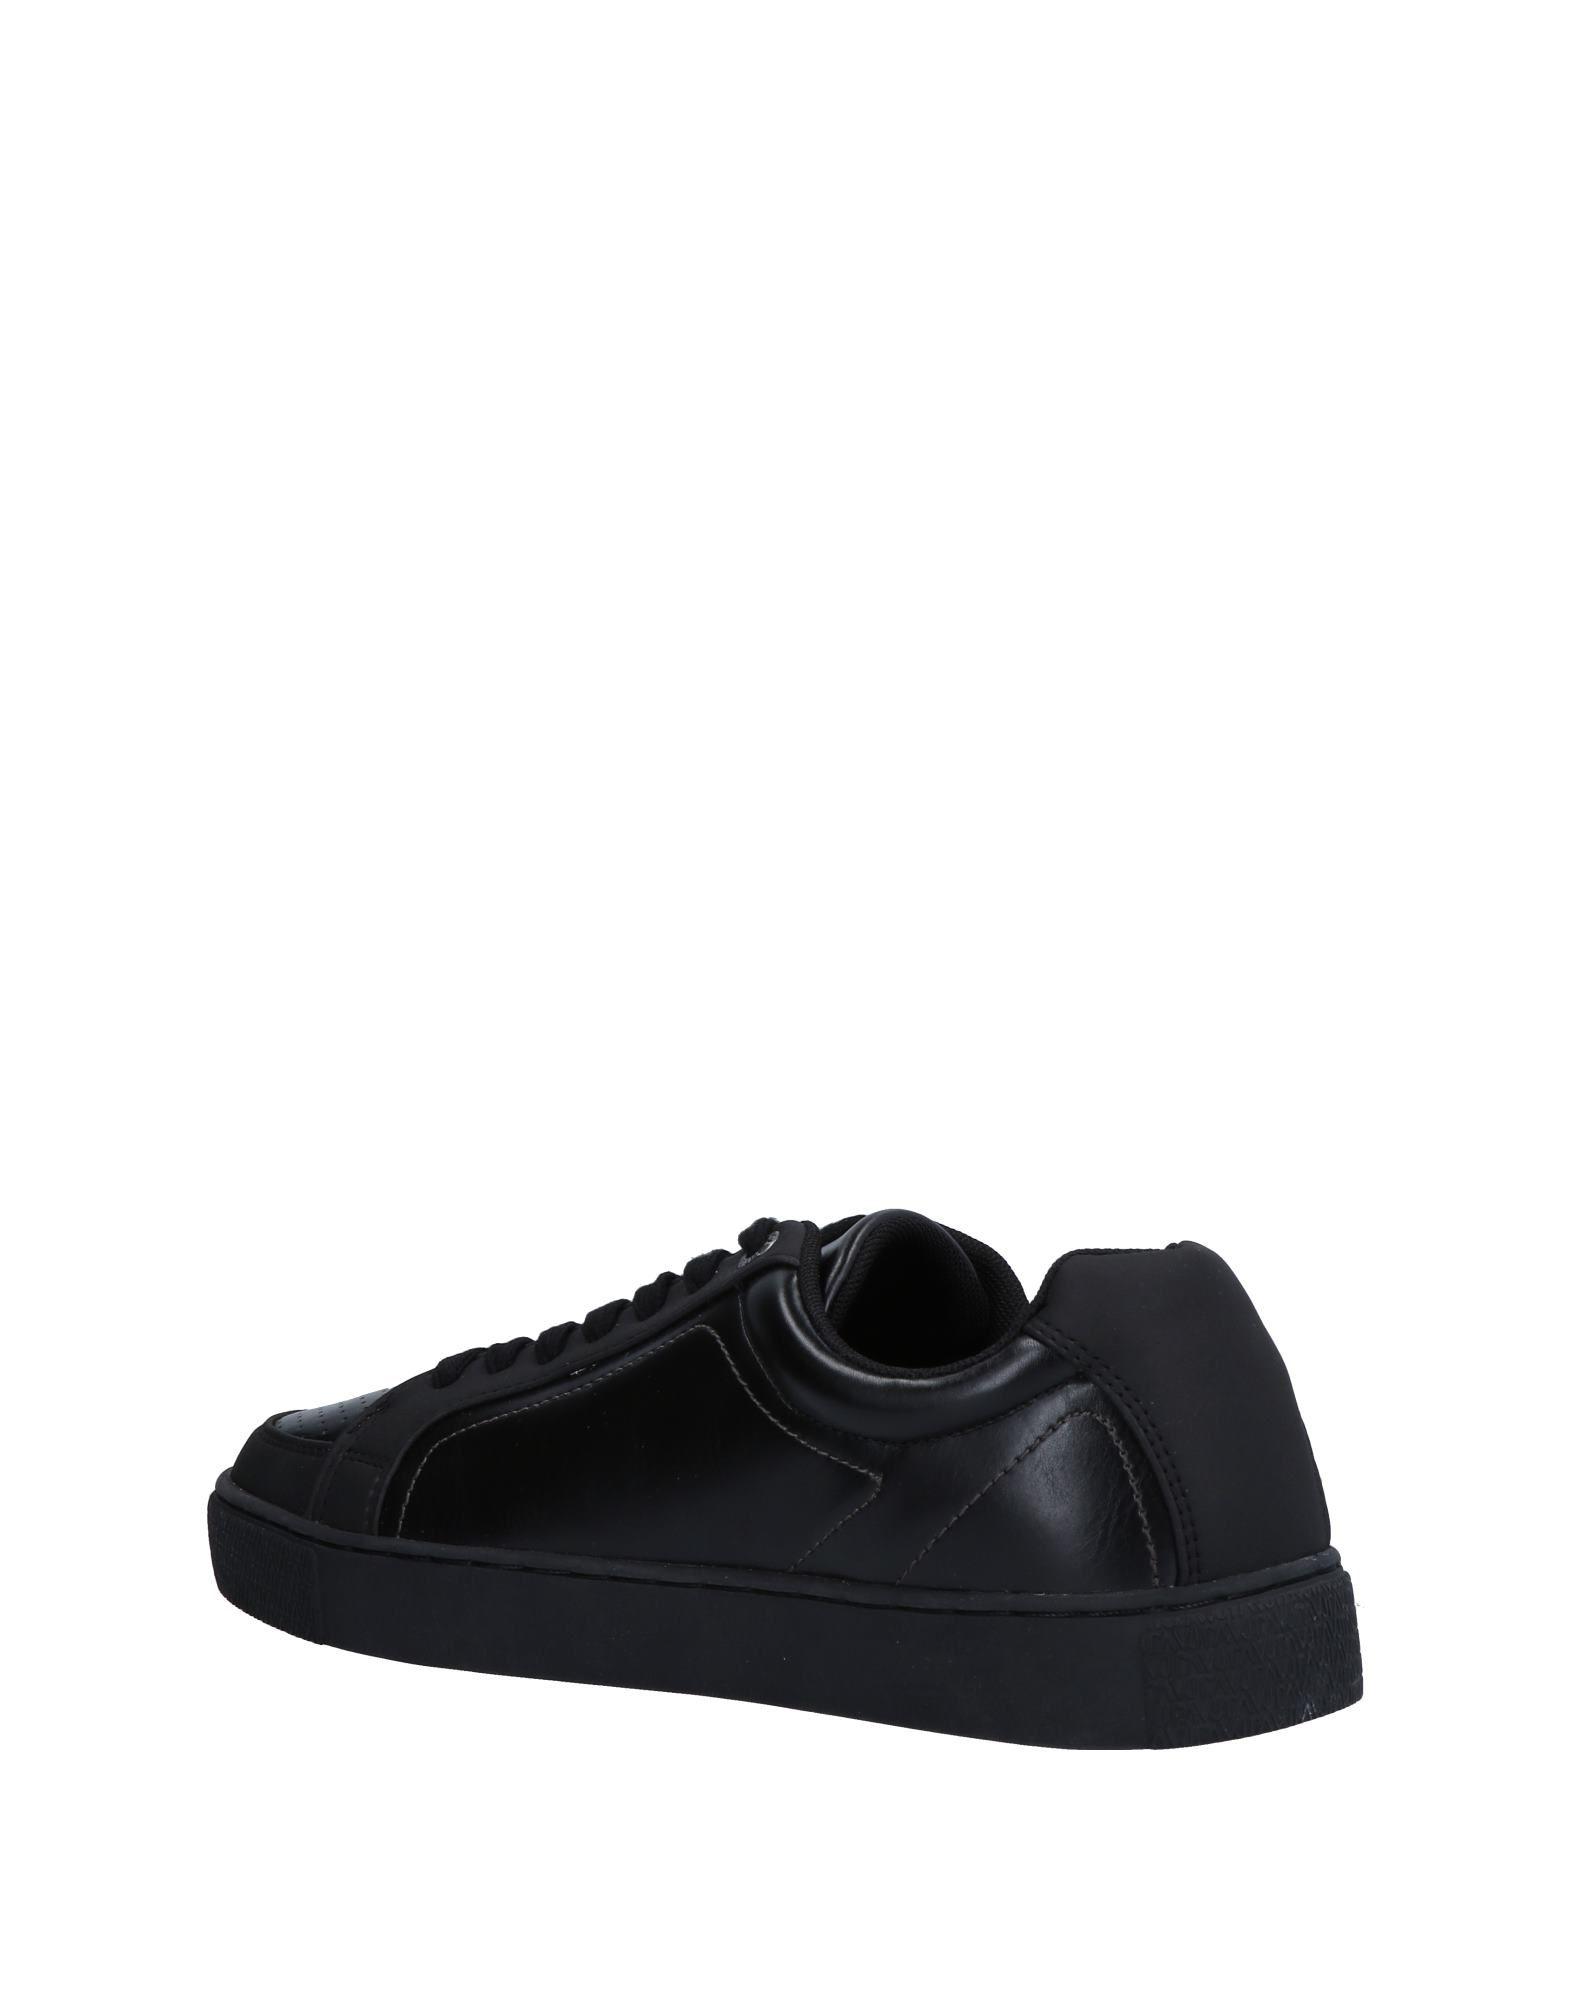 30c55269169fd ... Rabatt Sneakers echte Schuhe Versace Jeans Sneakers Rabatt Herren  11522631AL 1e5fdd ...